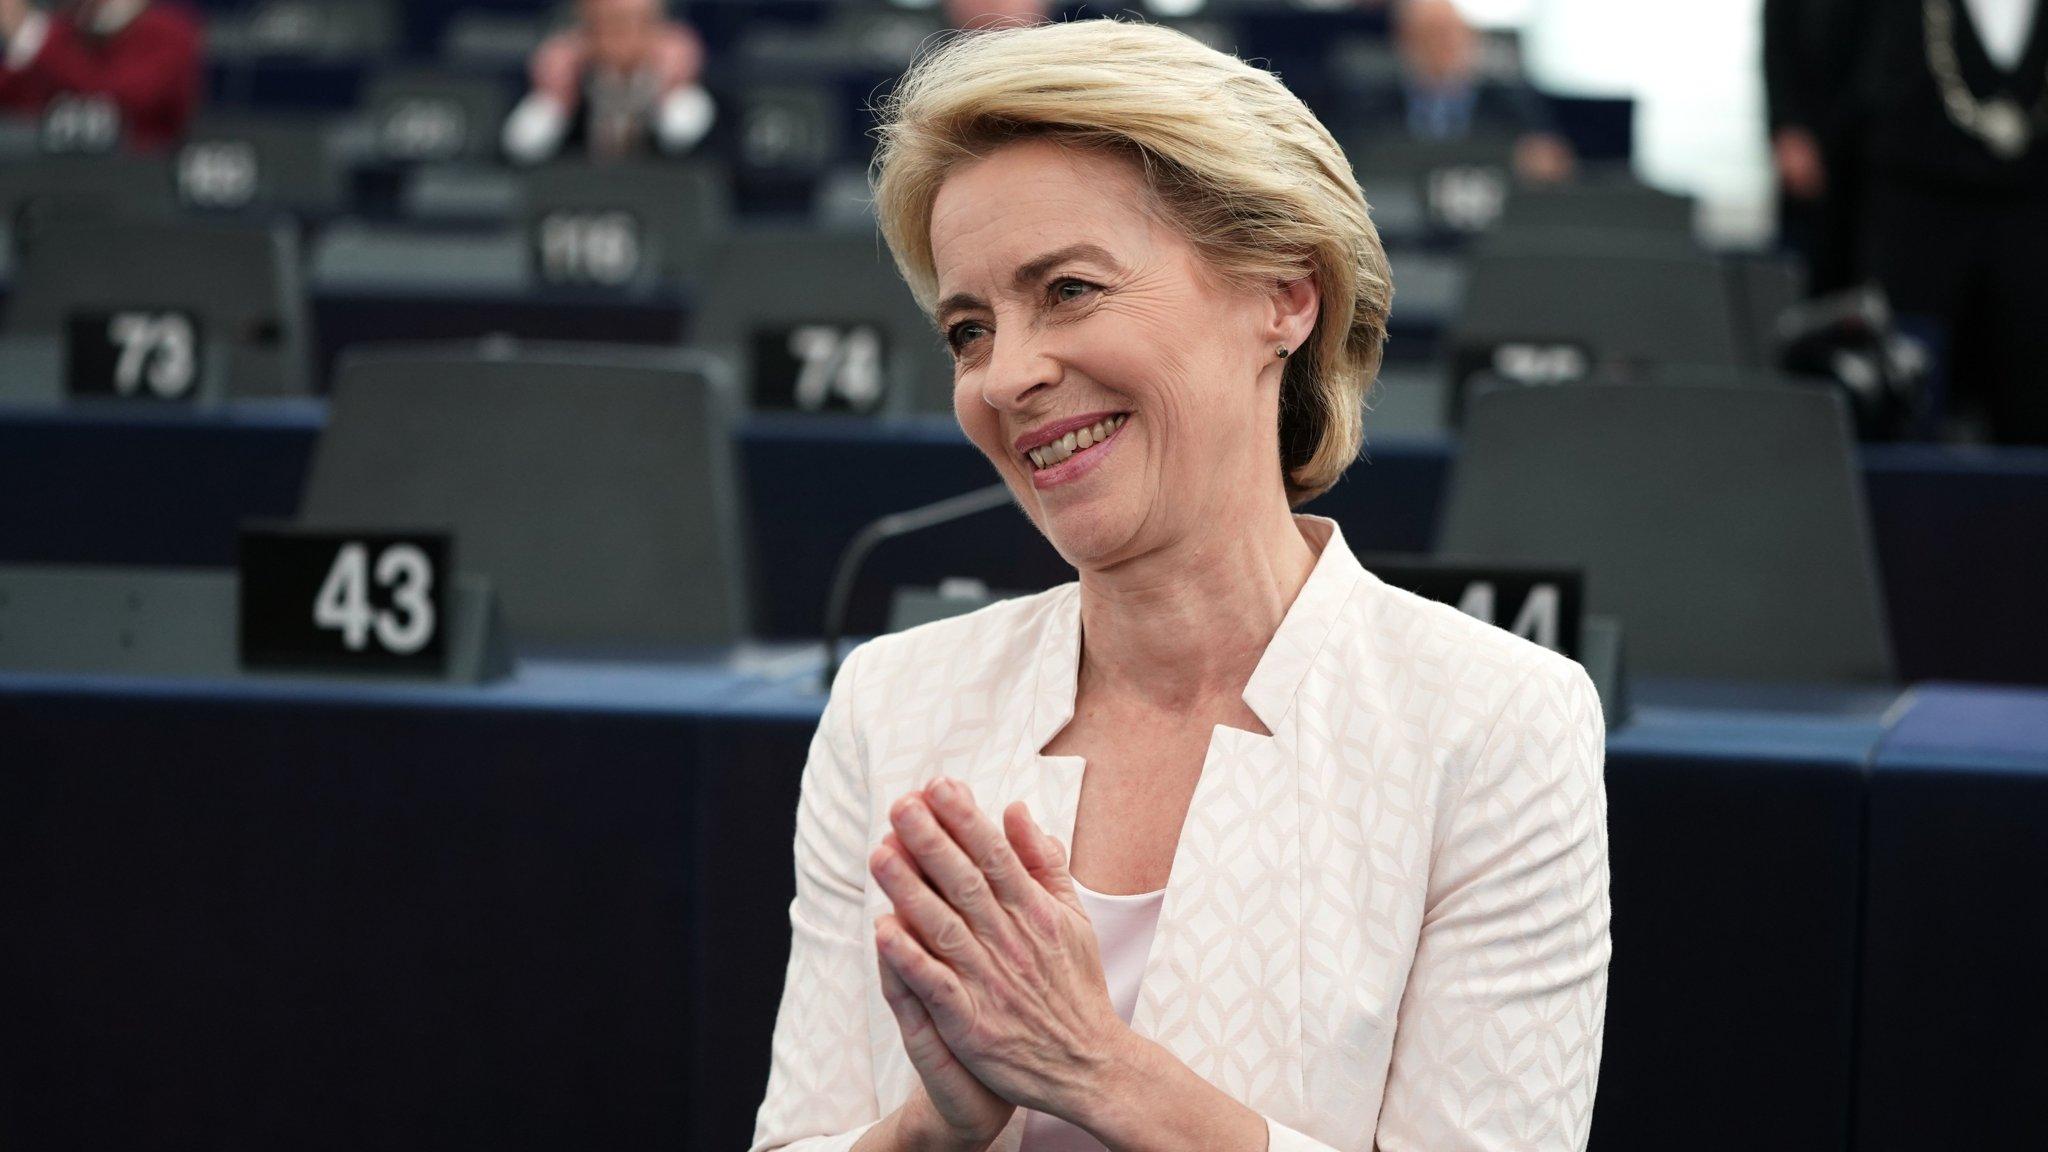 Ursula von der Leyen survives tight vote to win EU top job | Financial Times